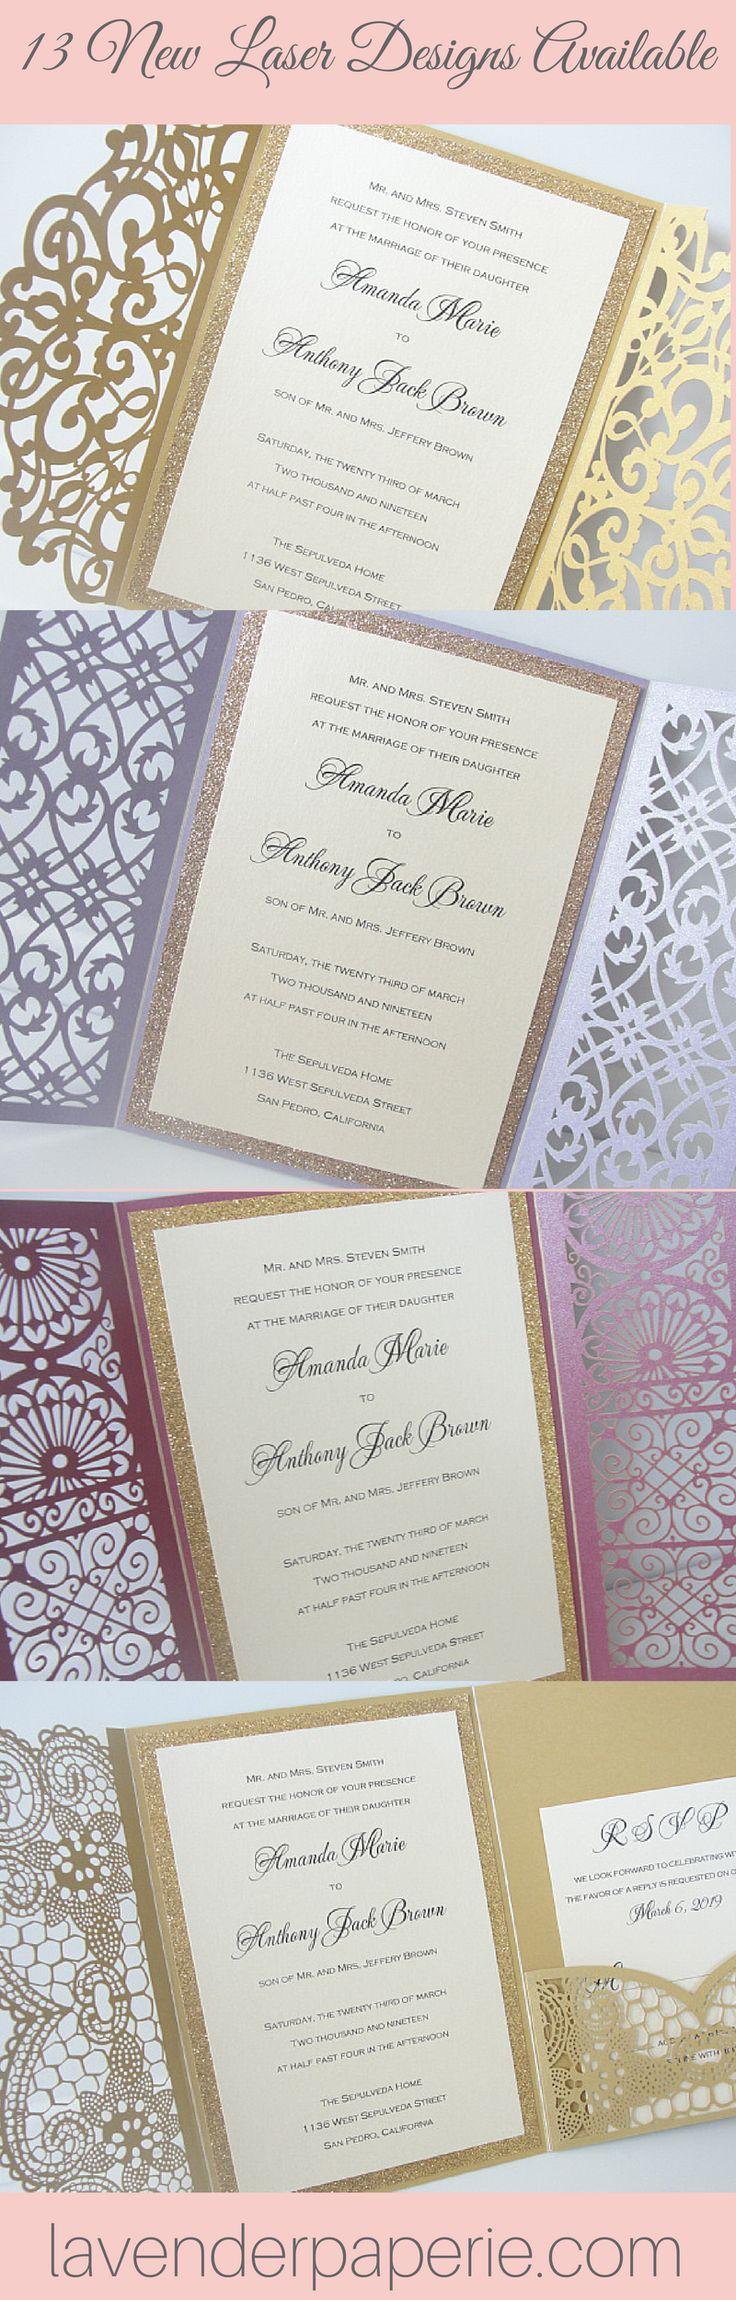 New Laser Wedding Invitation Designs 711 best